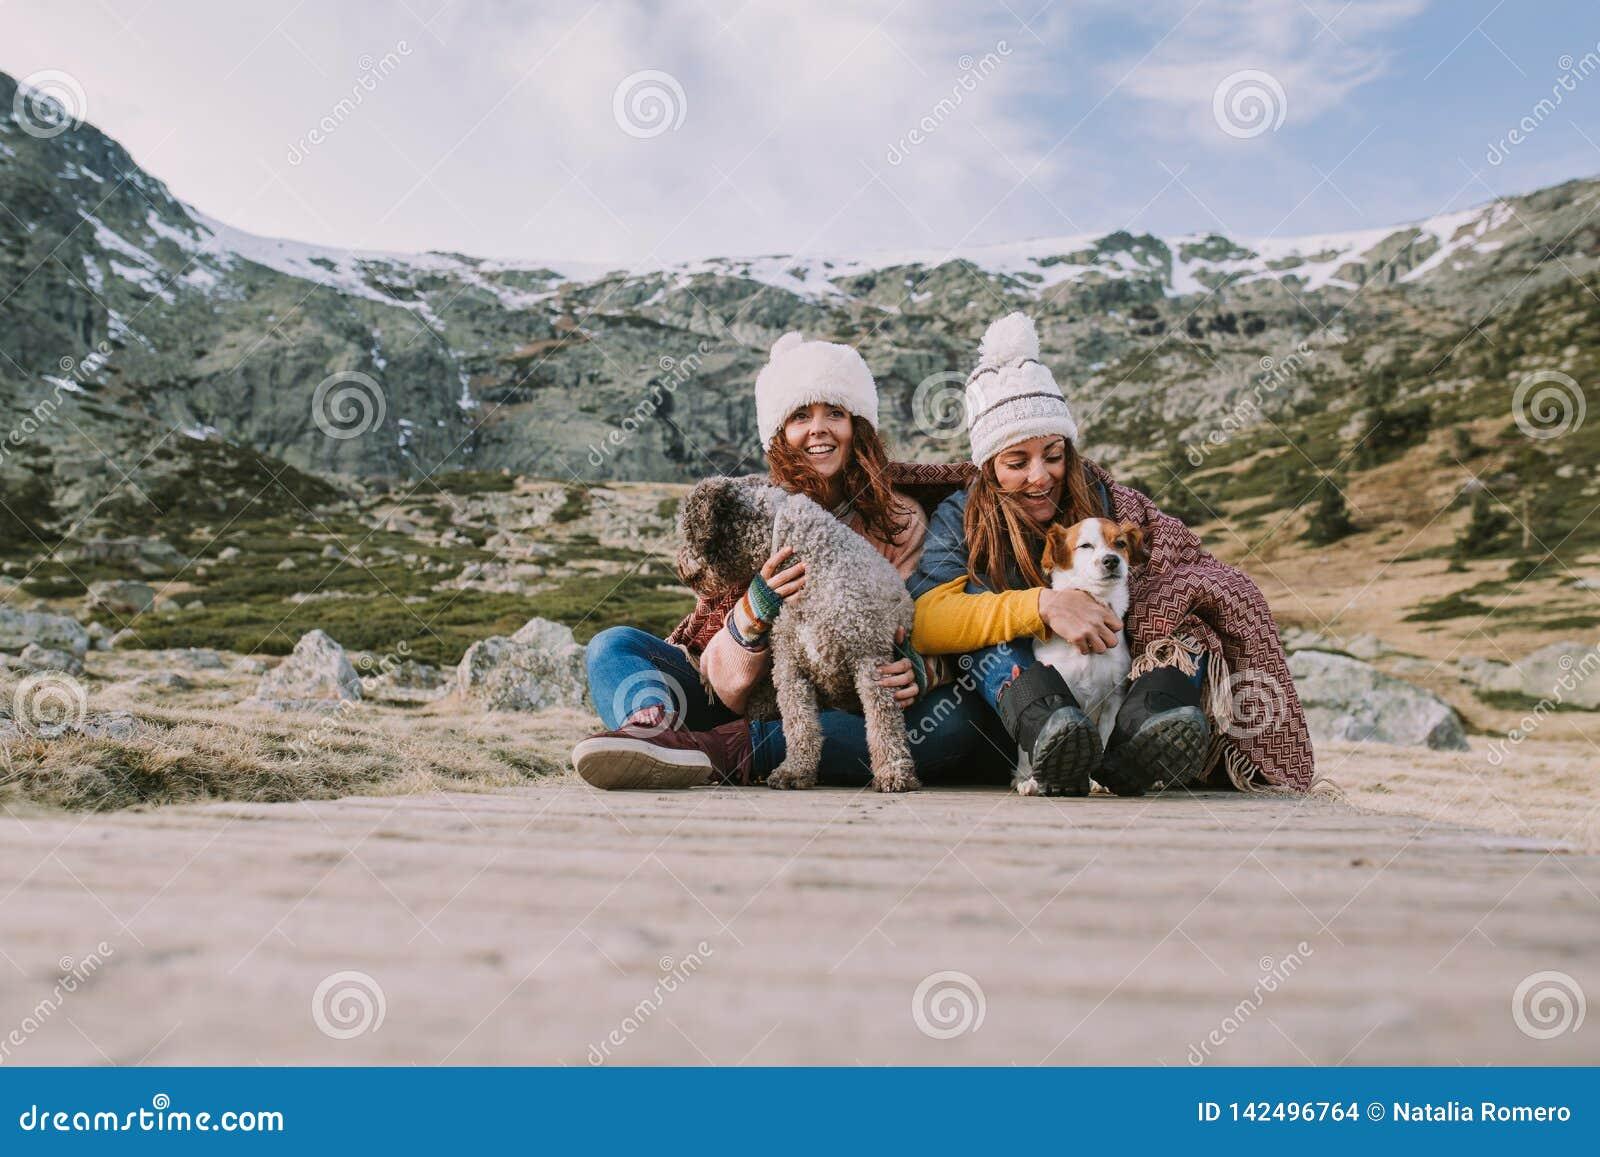 Παιχνίδι δύο νέο γυναικών με τα σκυλιά τους στη μέση του λιβαδιού